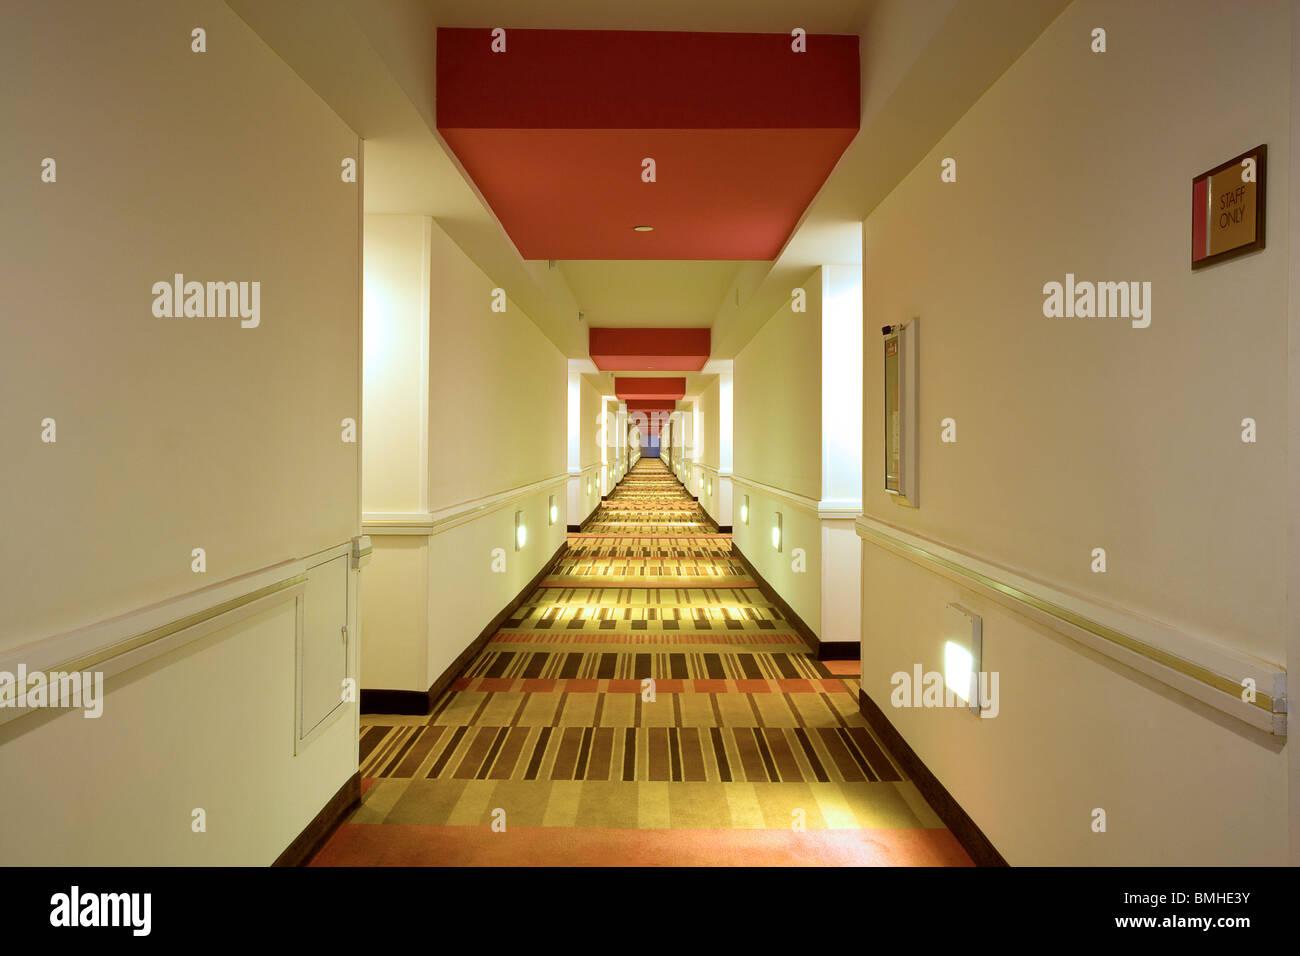 Le couloir à l'hôtel Flamingo Las Vegas Photo Stock